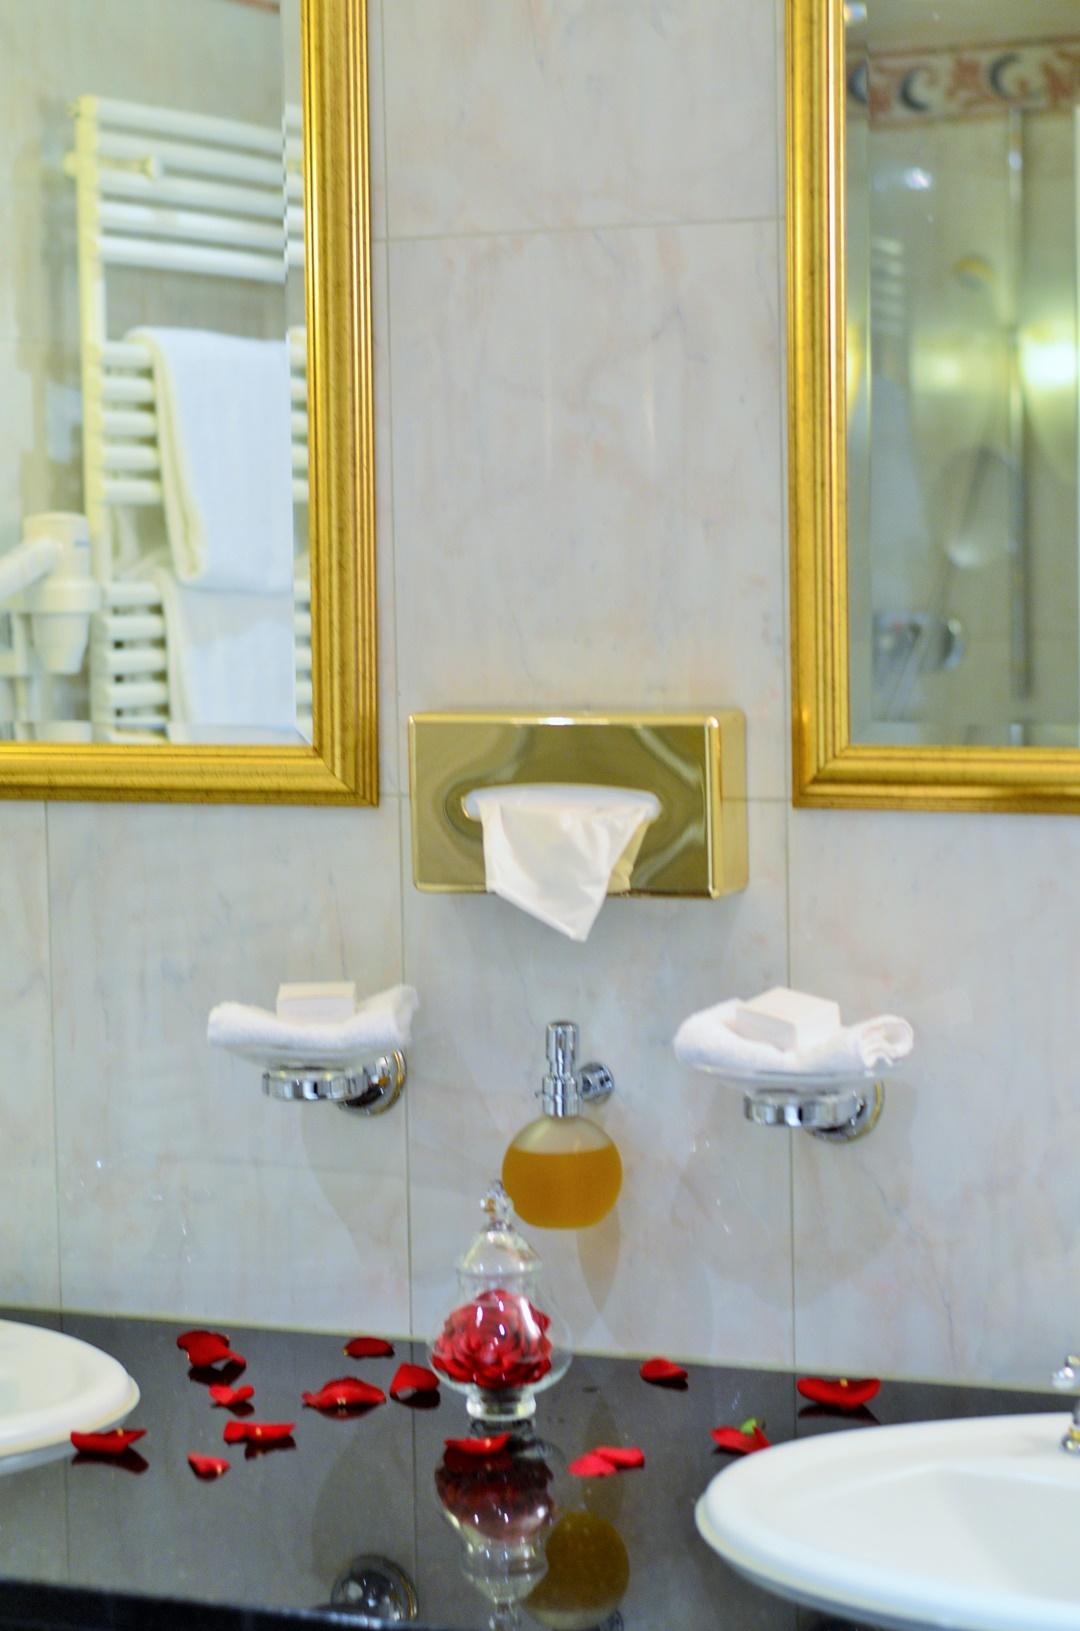 Schlosshotel Berg_Victors Schlosshotel_Hotel Saarland_Schlosshotel Saarland_Schlosshotel_Hotel im Saarland_Restaurant die Scheune_Luxushotel im Saarland_Annanikabu (11)